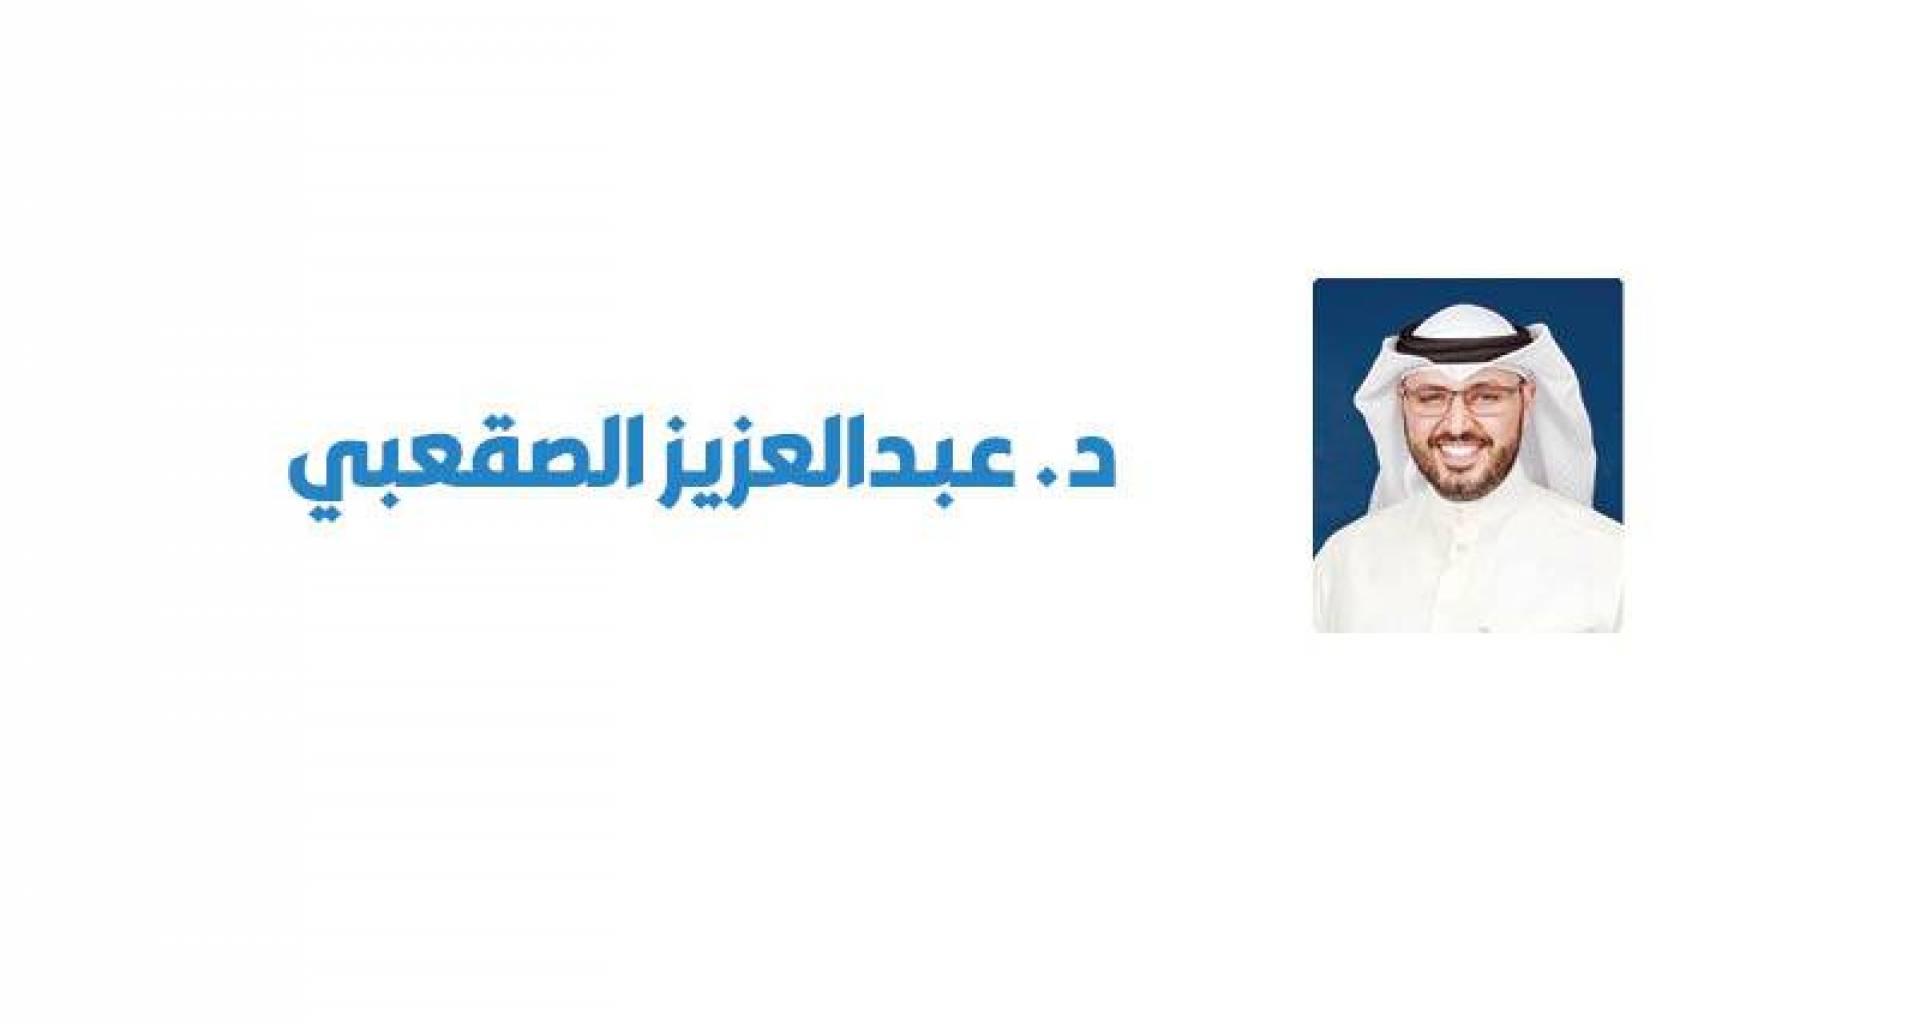 د. عبدالعزيز الصقعبي